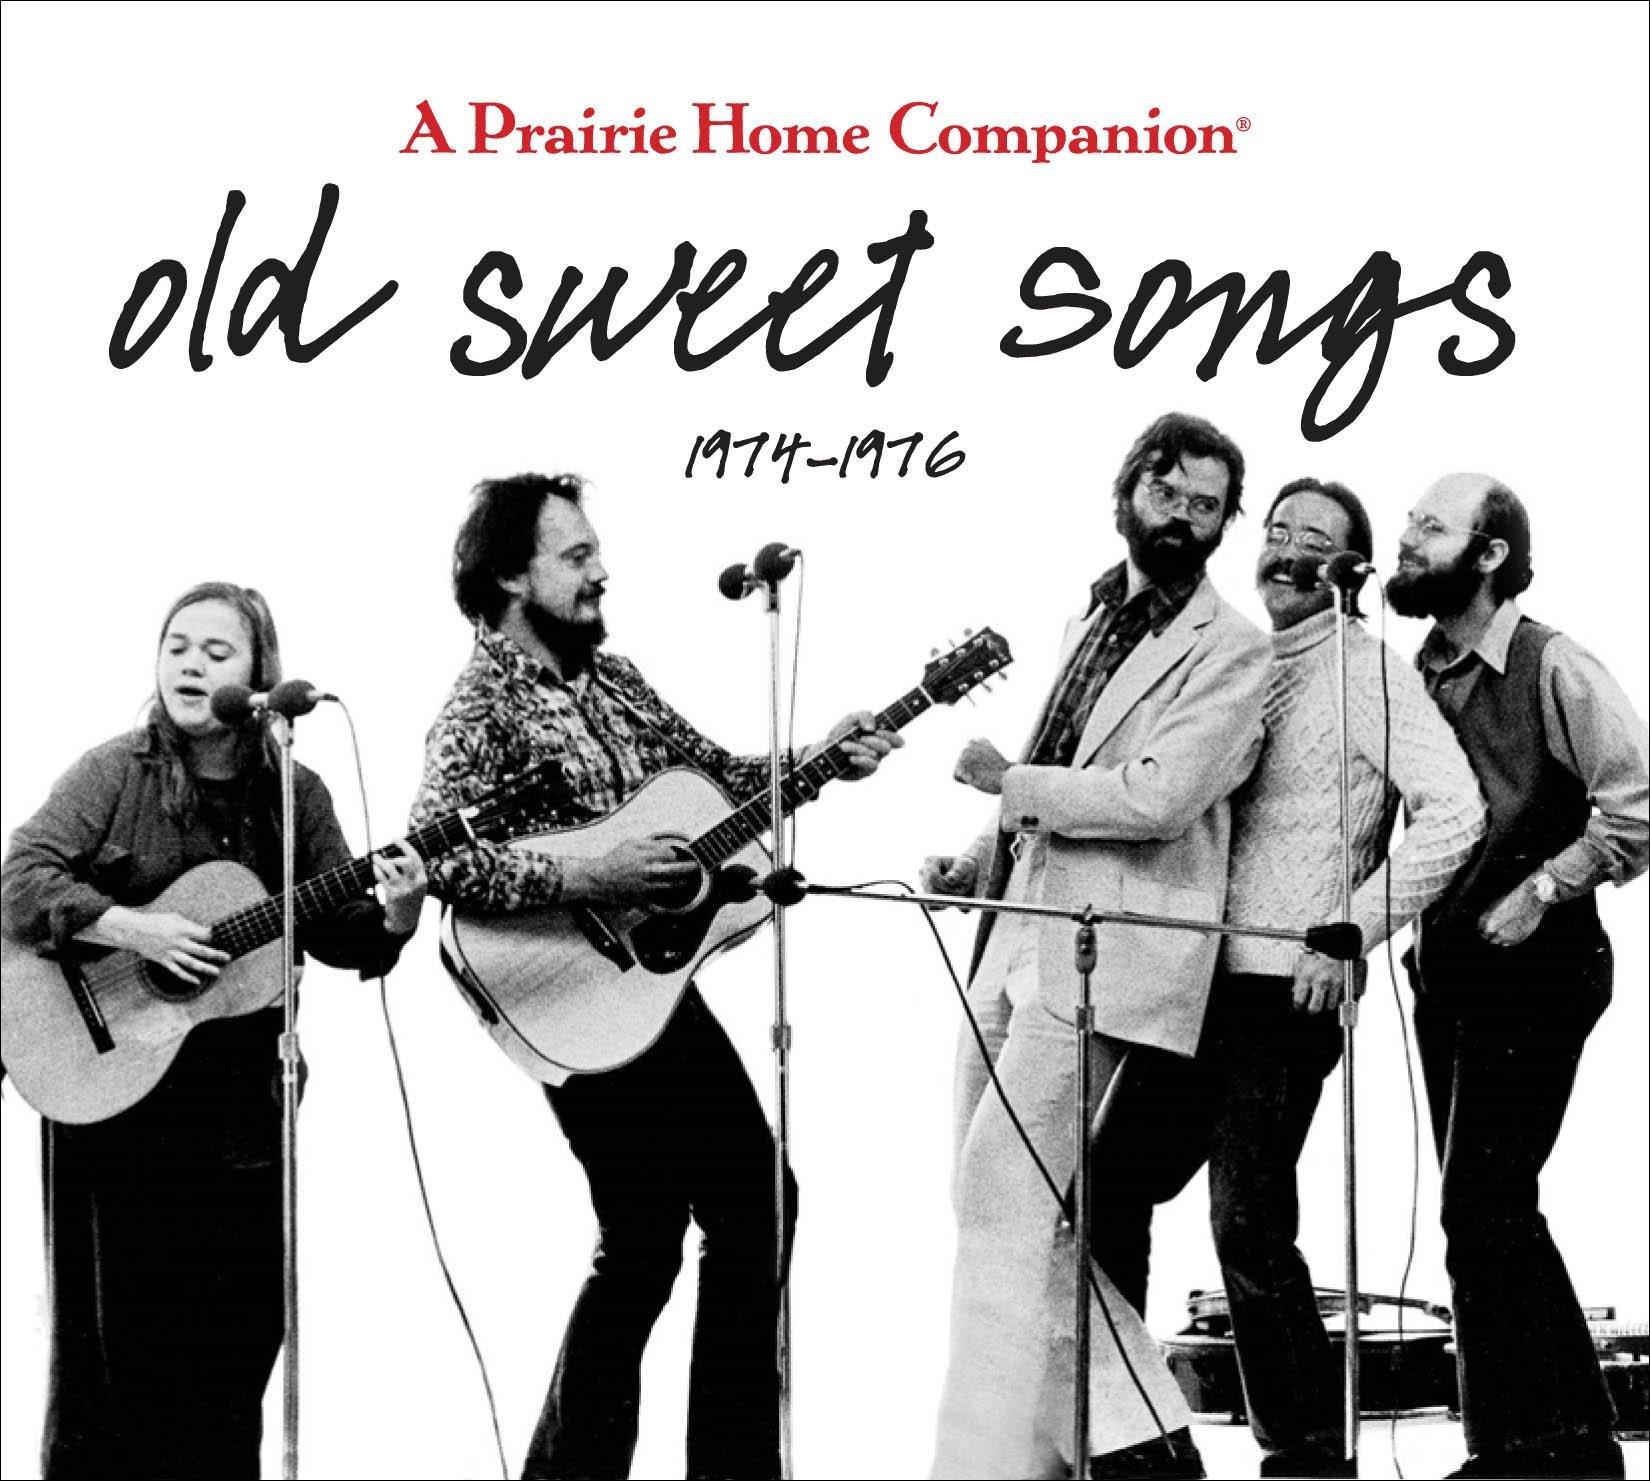 Old Sweet Songs A Prairie Home panion A Prarie